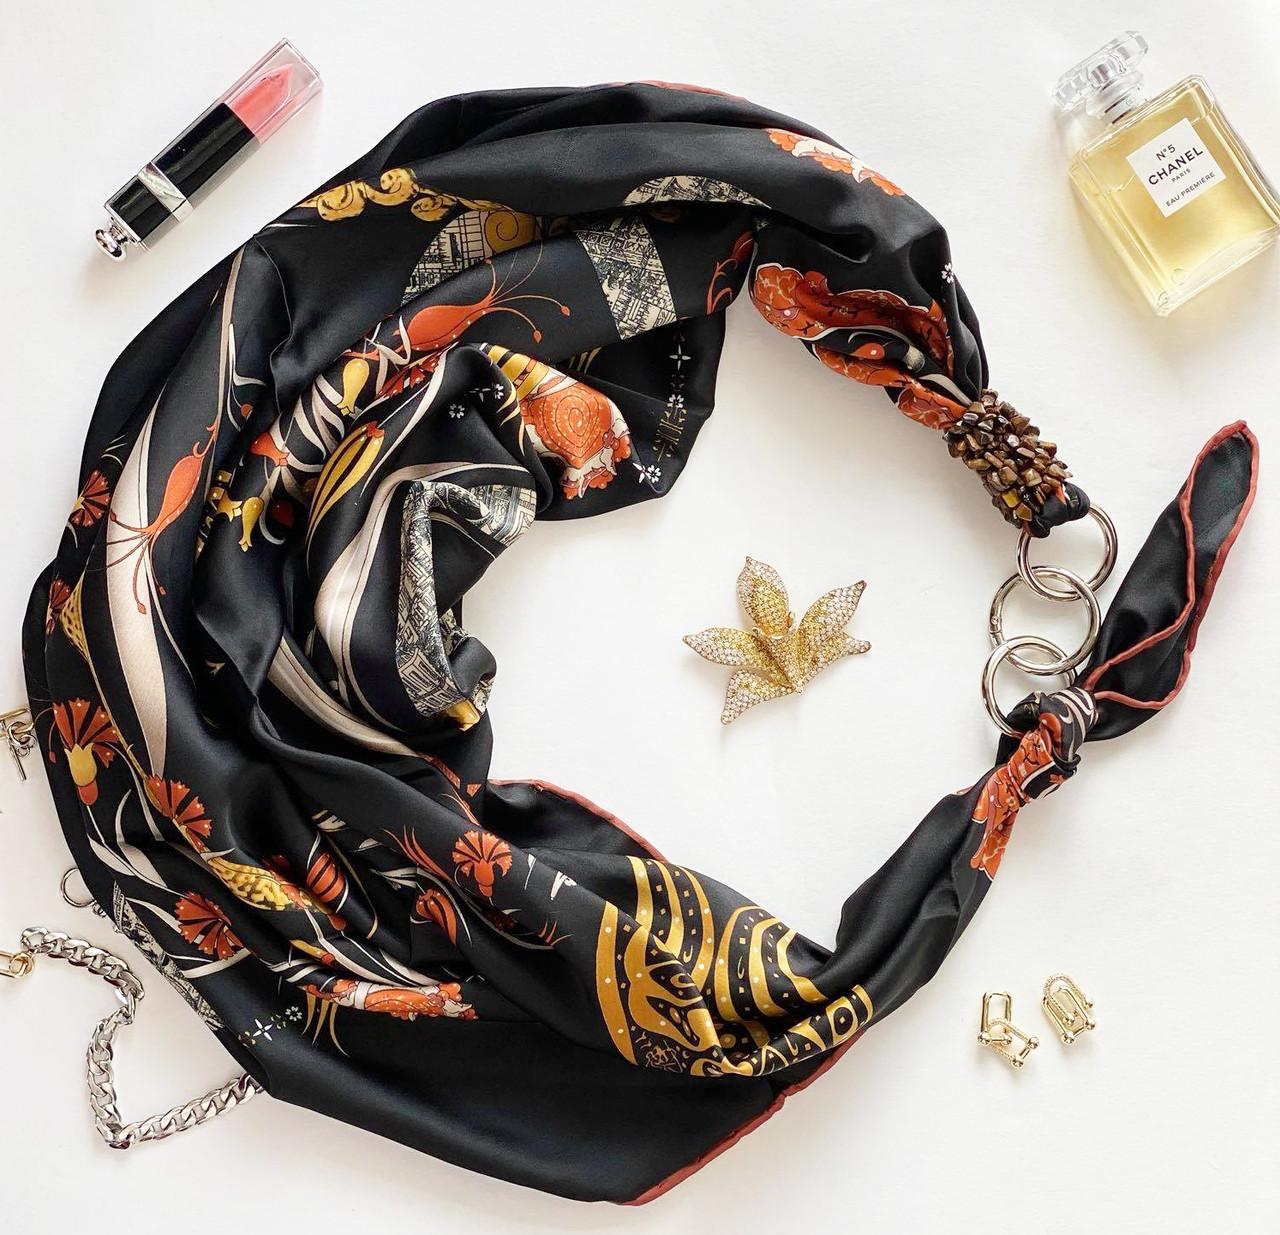 """Шелковый платок """"роковая страсть"""" от бренда my scarf, подарок женщине. премиум коллекция!"""